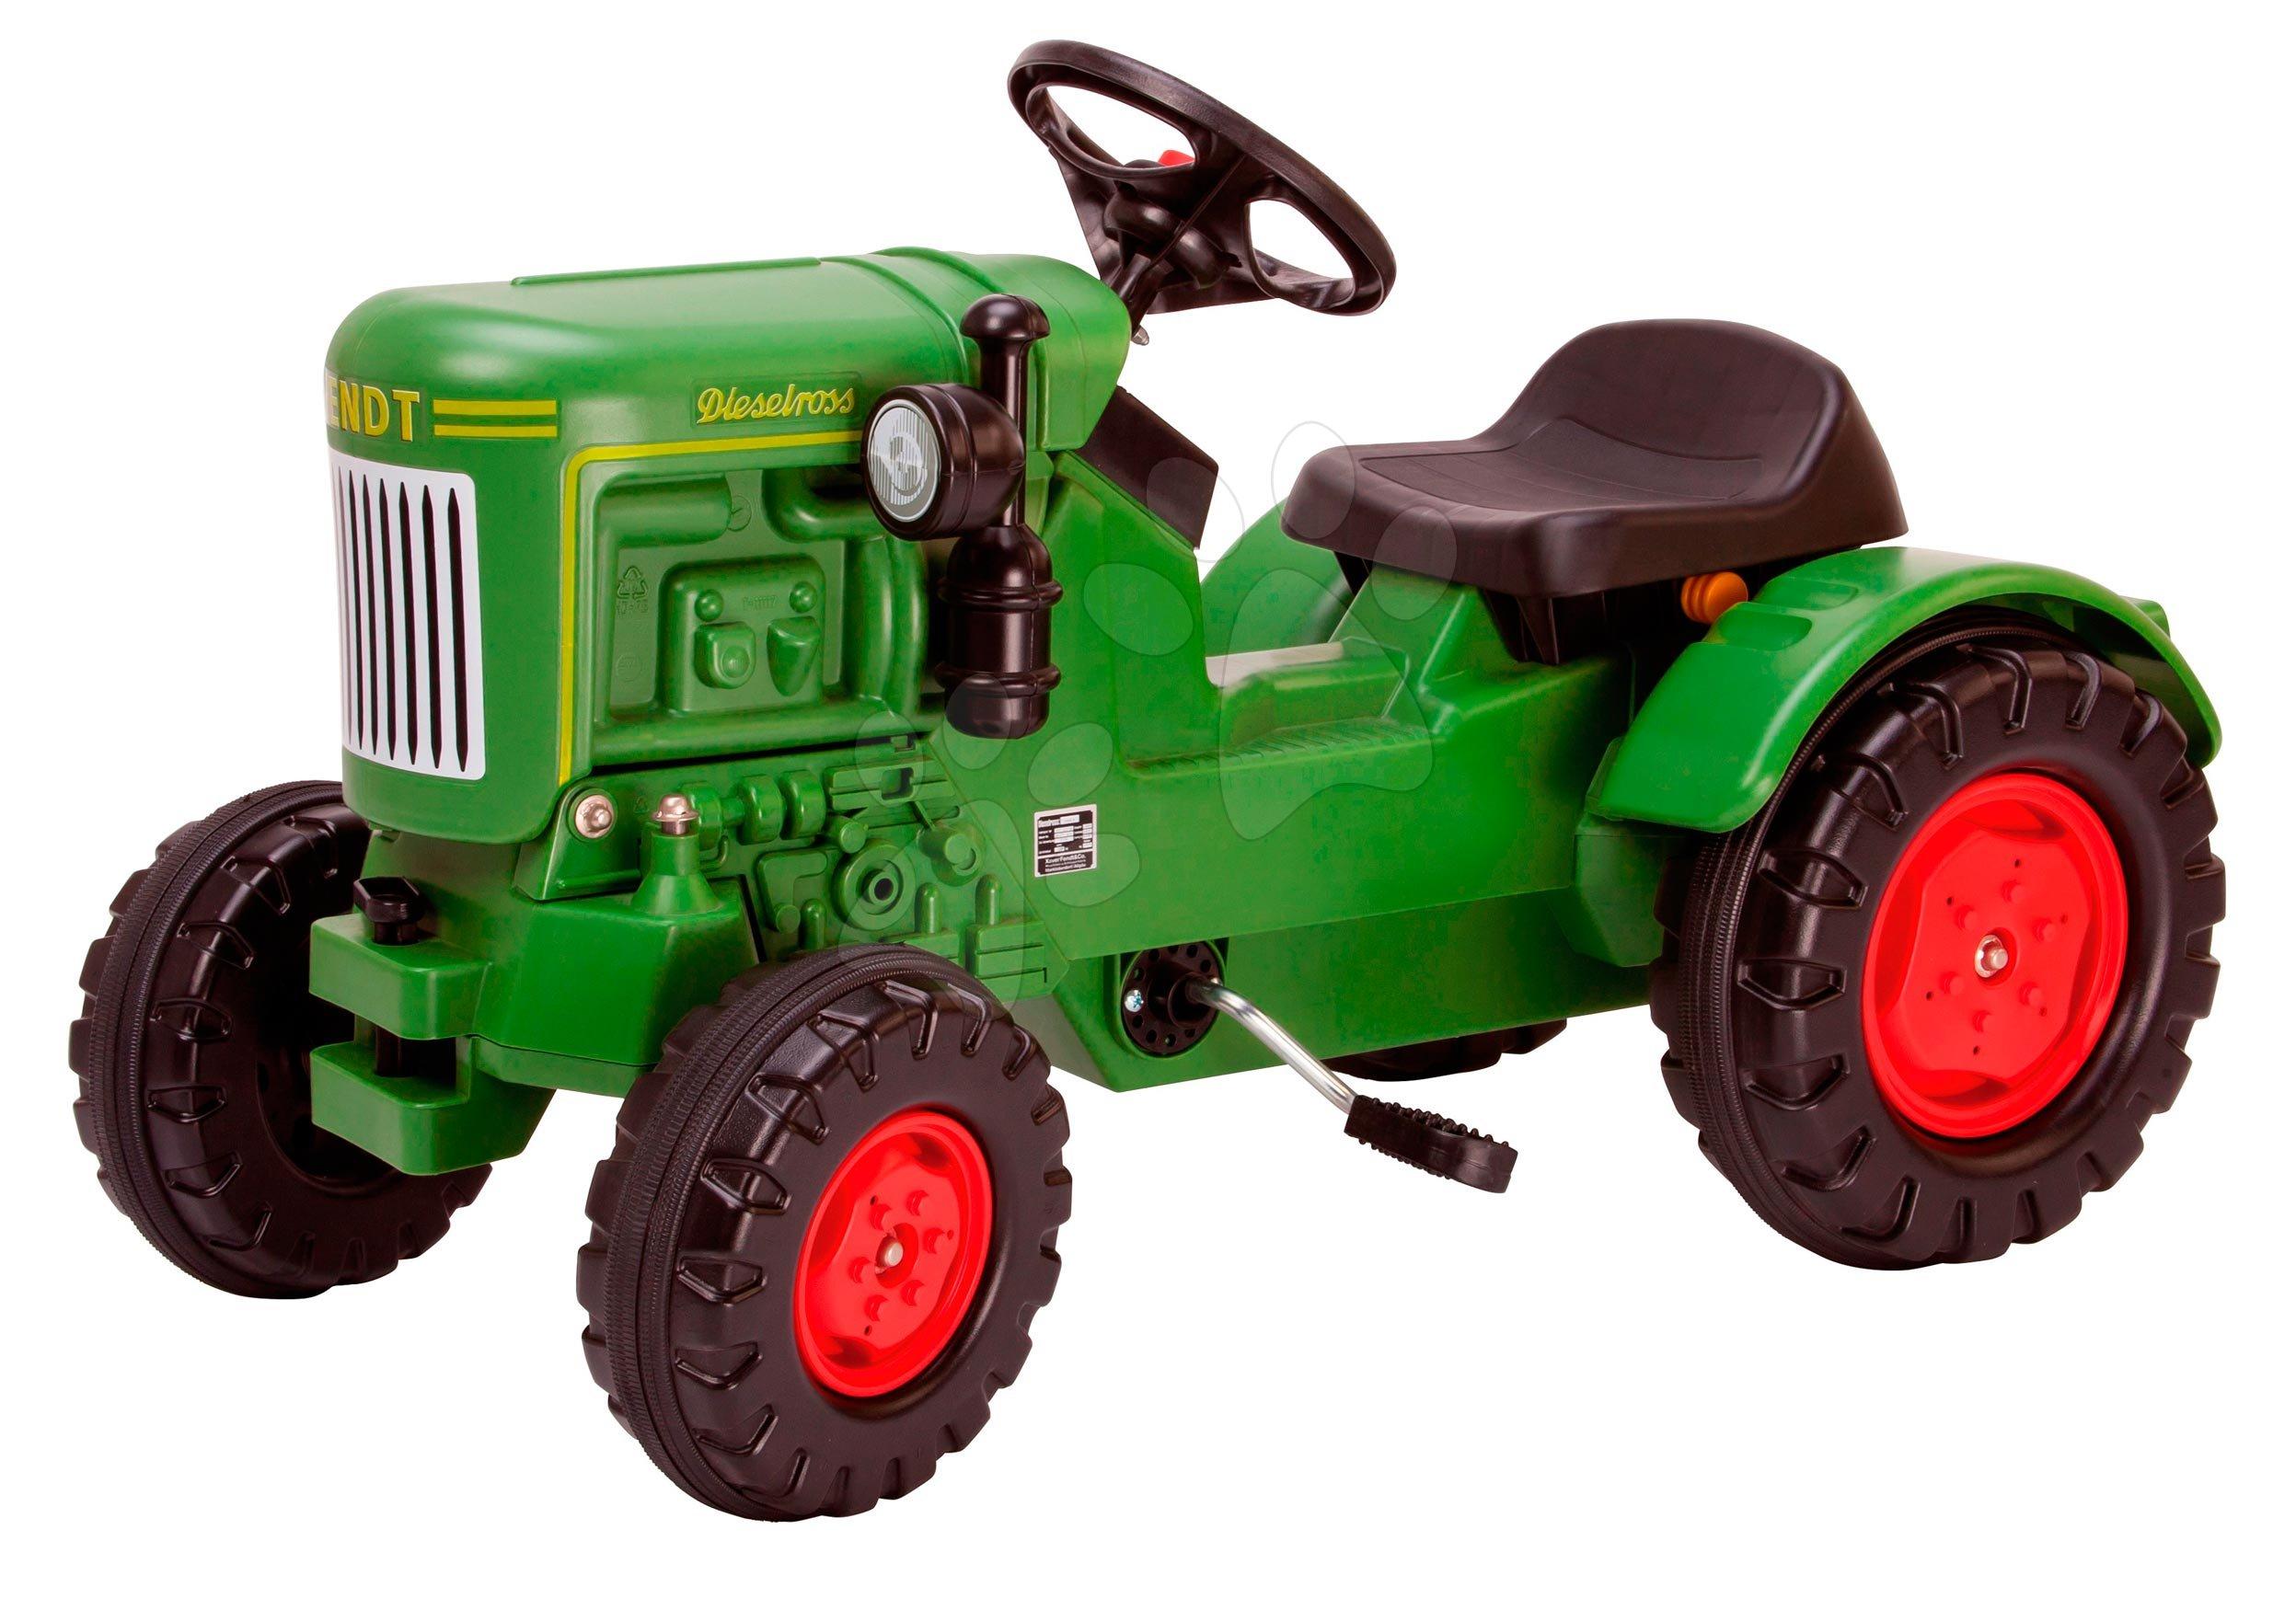 Detské šliapacie vozidlá - Traktor na šliapanie Fendt Dieselross BIG zelený